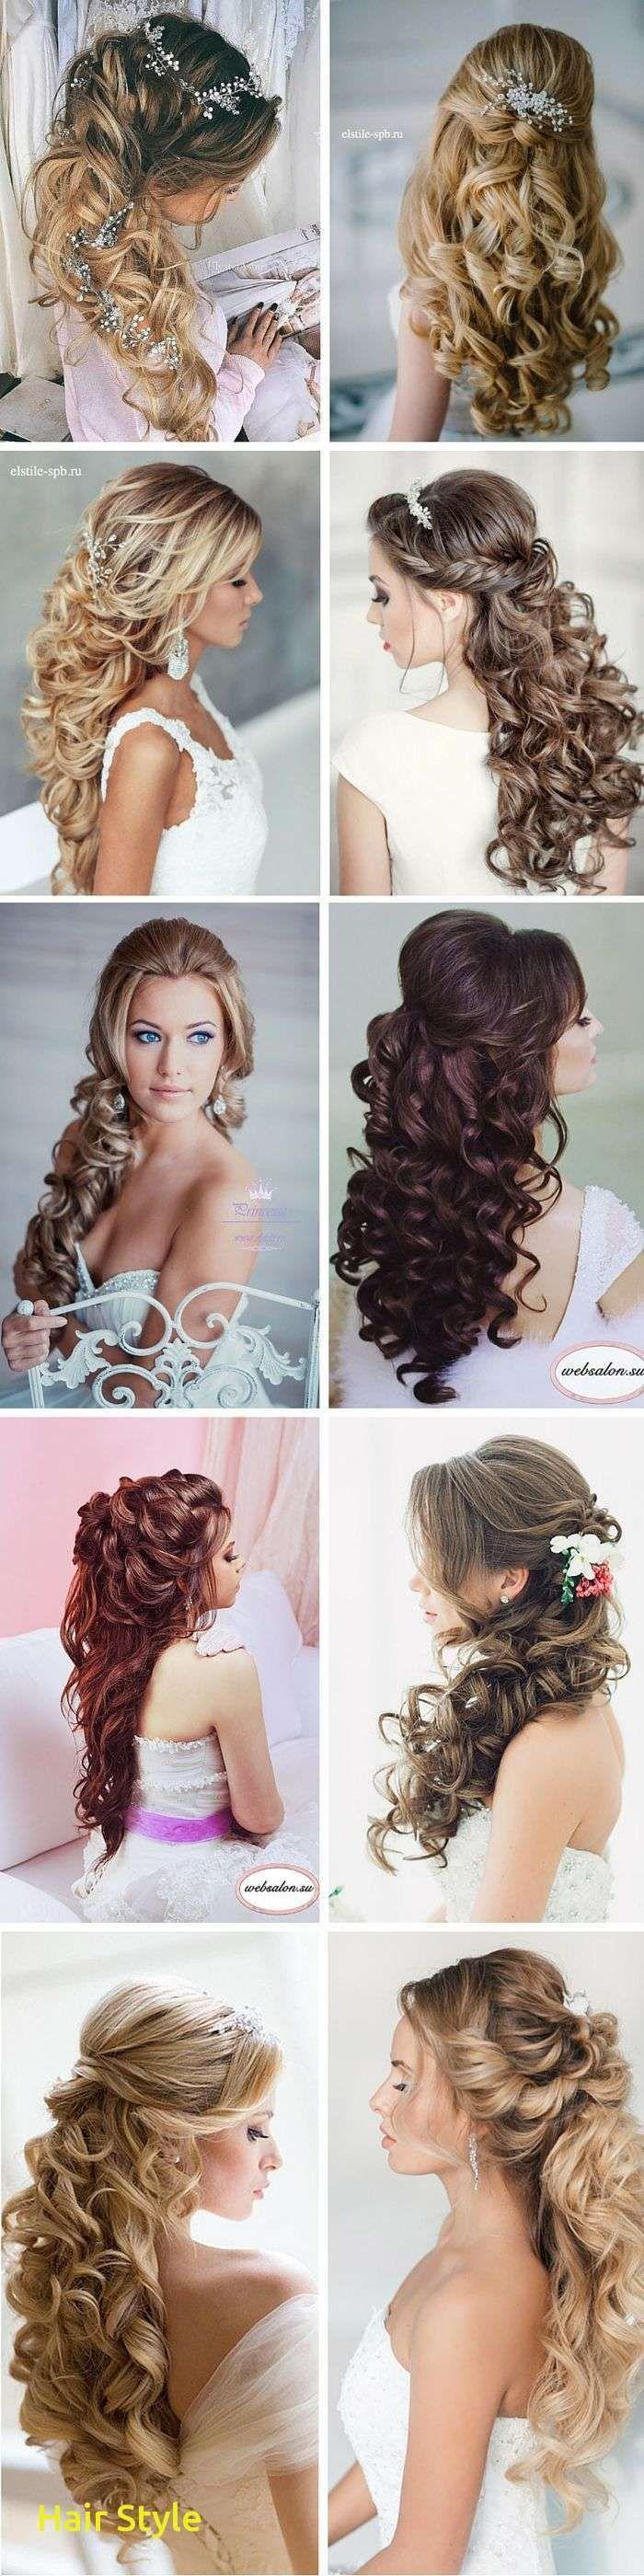 Elegante Hochzeit Frisuren Curly Hair halb hoch #halboffen #kurzehaare #brautfri